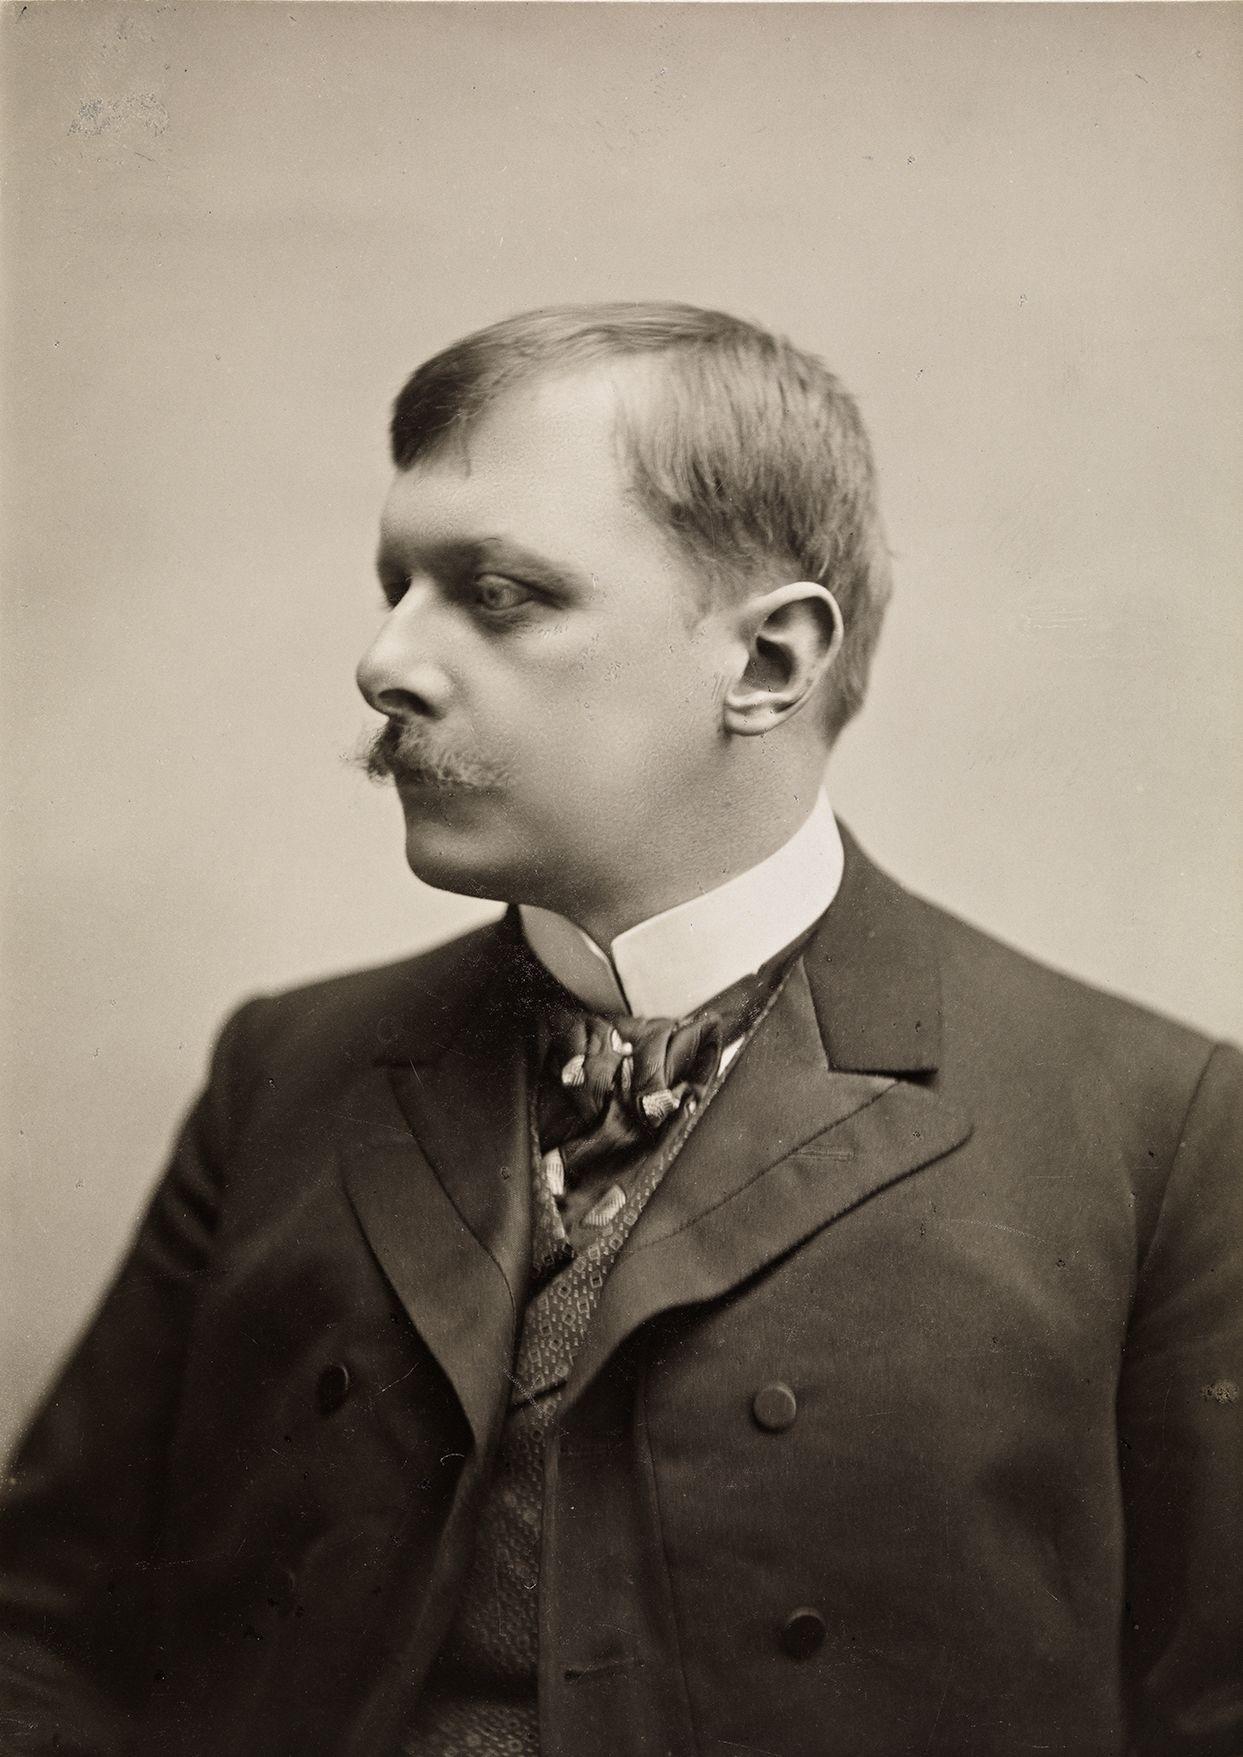 Egy unalmas, beállított portré Carl Störmerről (fotó: Wikipedia)